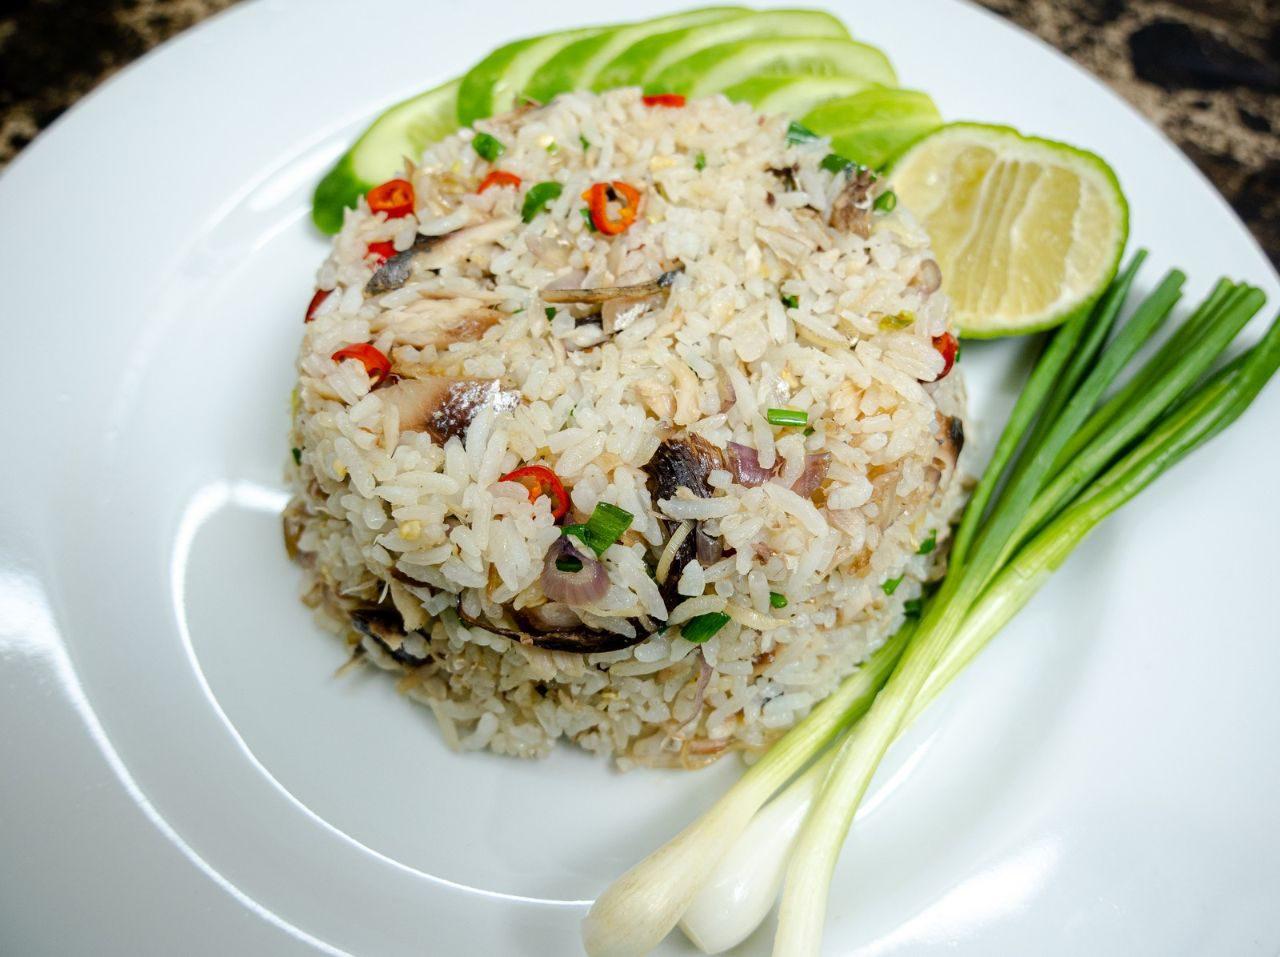 ข้าวผัดปลาทูทอด อาหารจานเดียว ทำขายก็ได้ ทำกินก็อร่อย ทำง่าย อร่อยด้วย